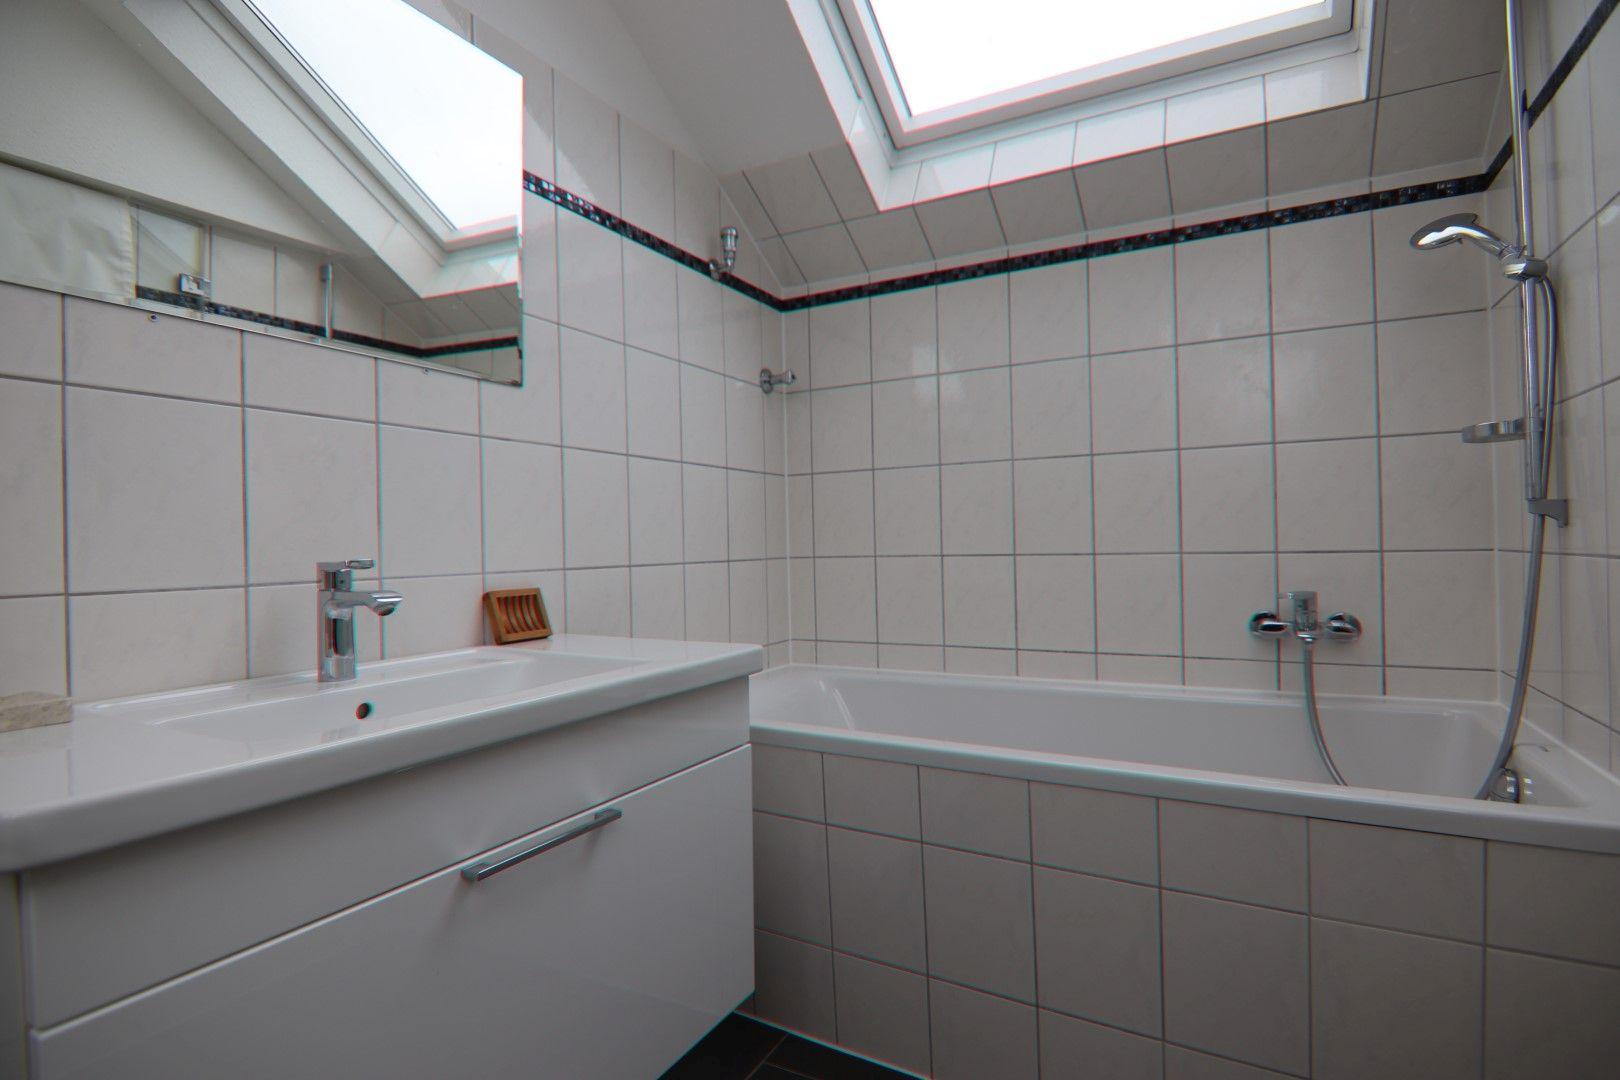 Immobilie Nr.0291 - 4-Raum-Wohnung, 2 Bäder mit Balkon u. Stpl. - Bild 13.jpg